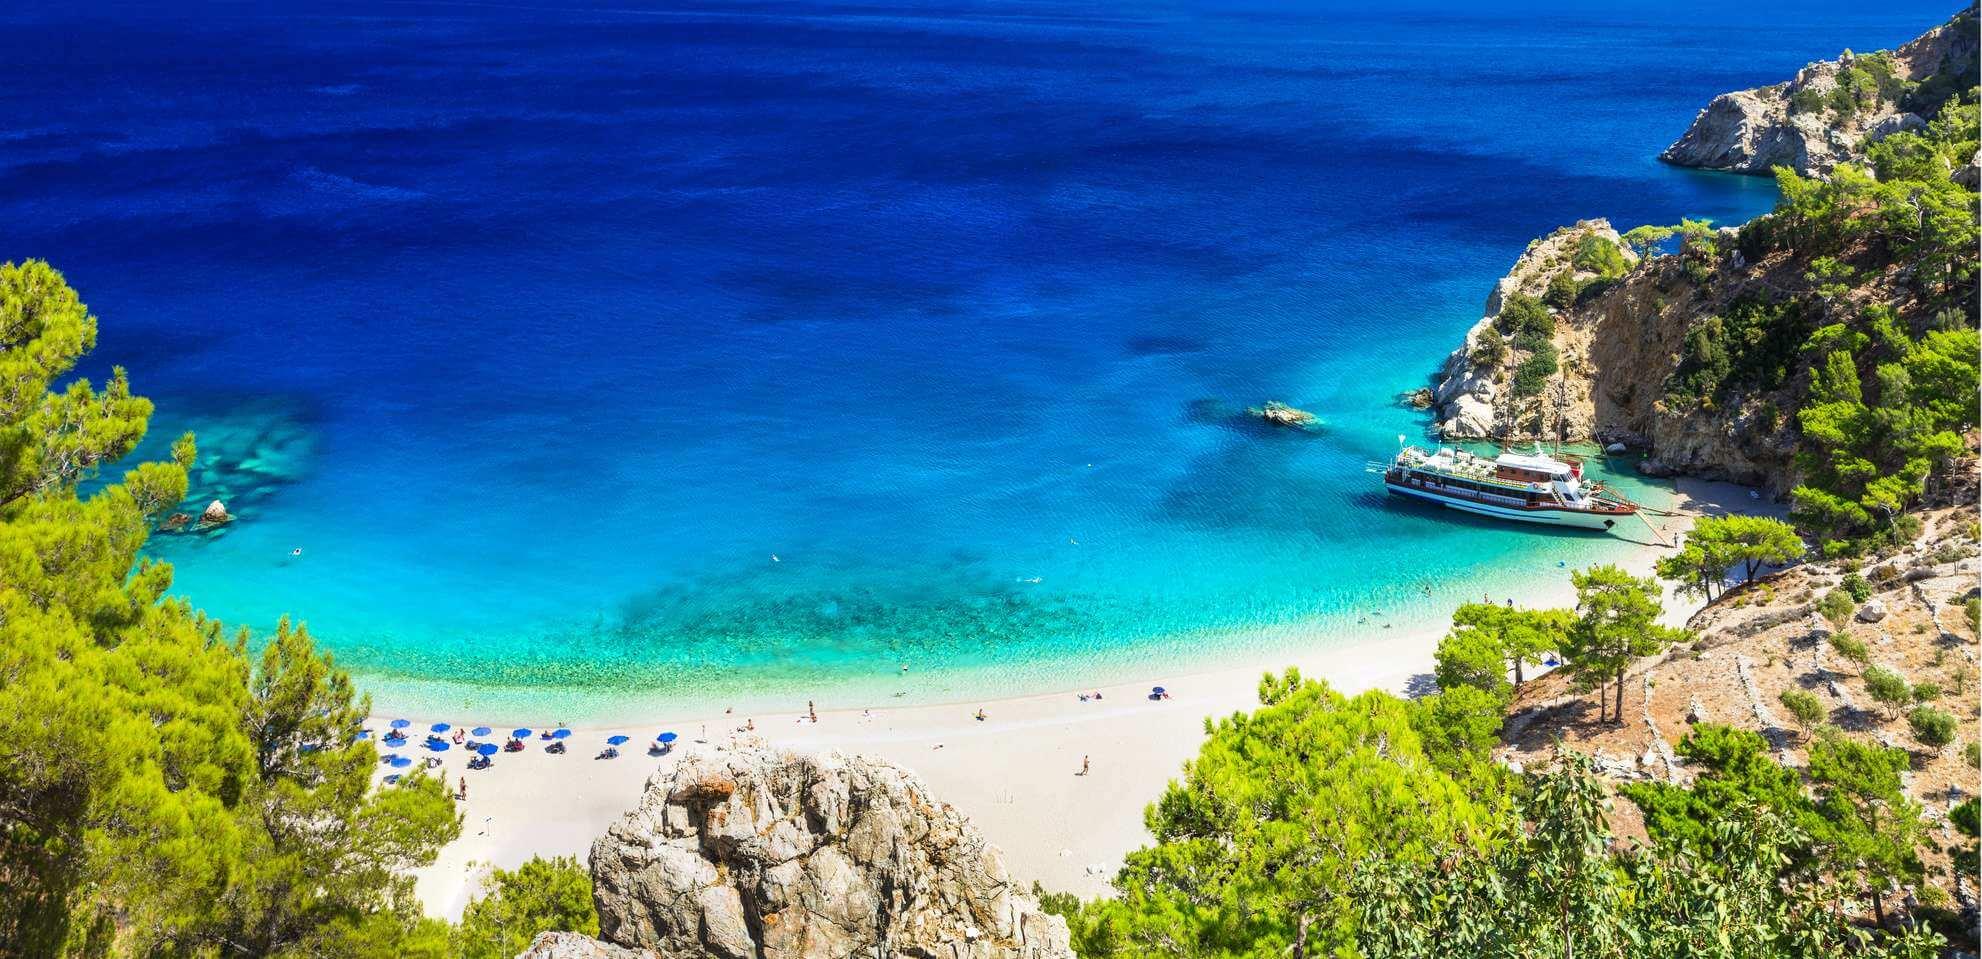 Strand auf den Kanarischen Inseln mit Felsen, Bäumen und Schiff